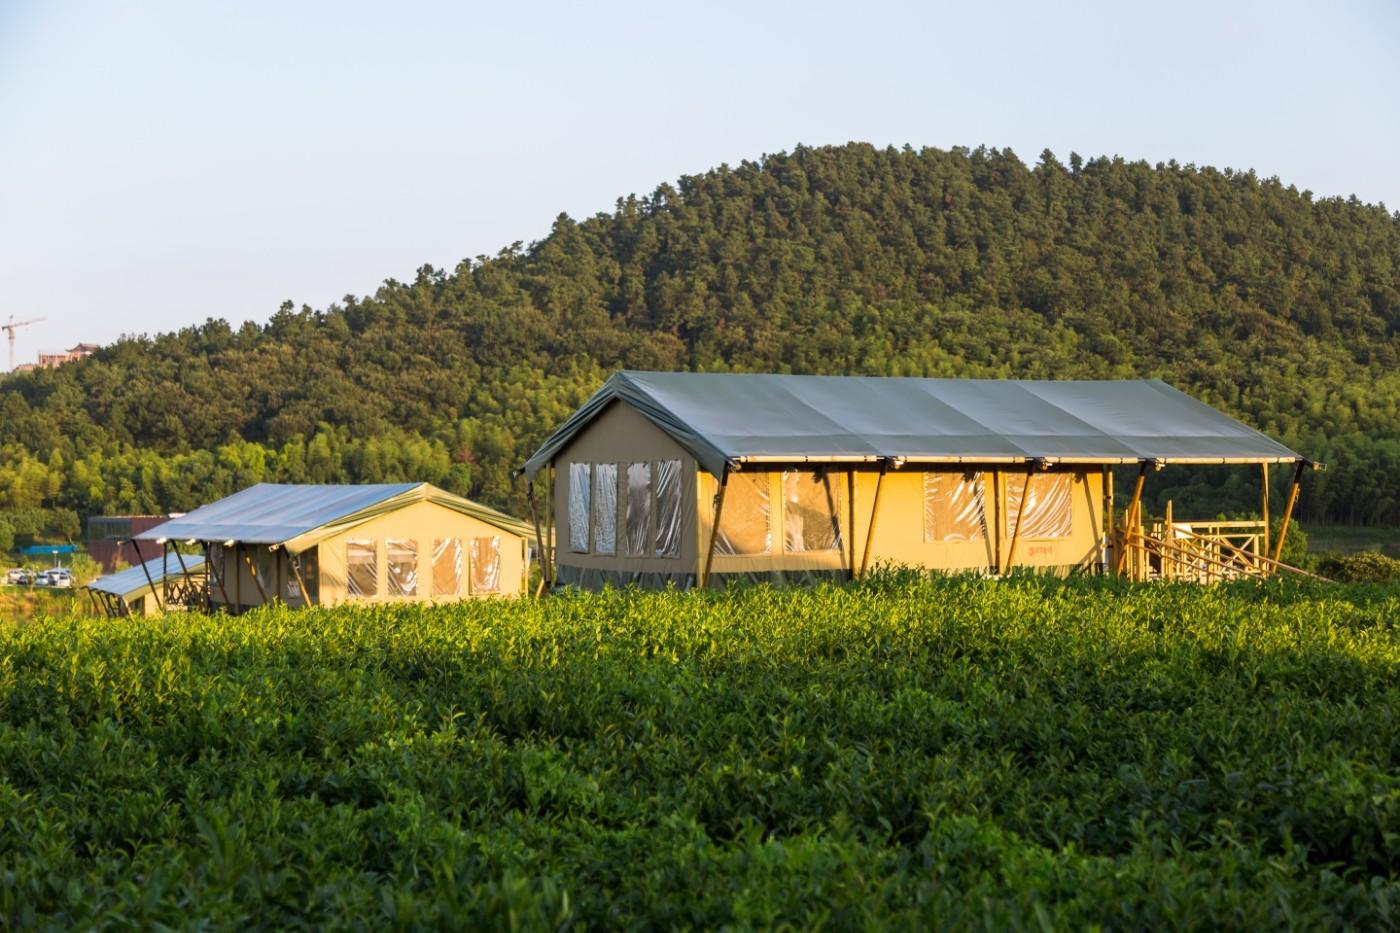 江苏常州茅山宝盛园坡地帐篷酒店12